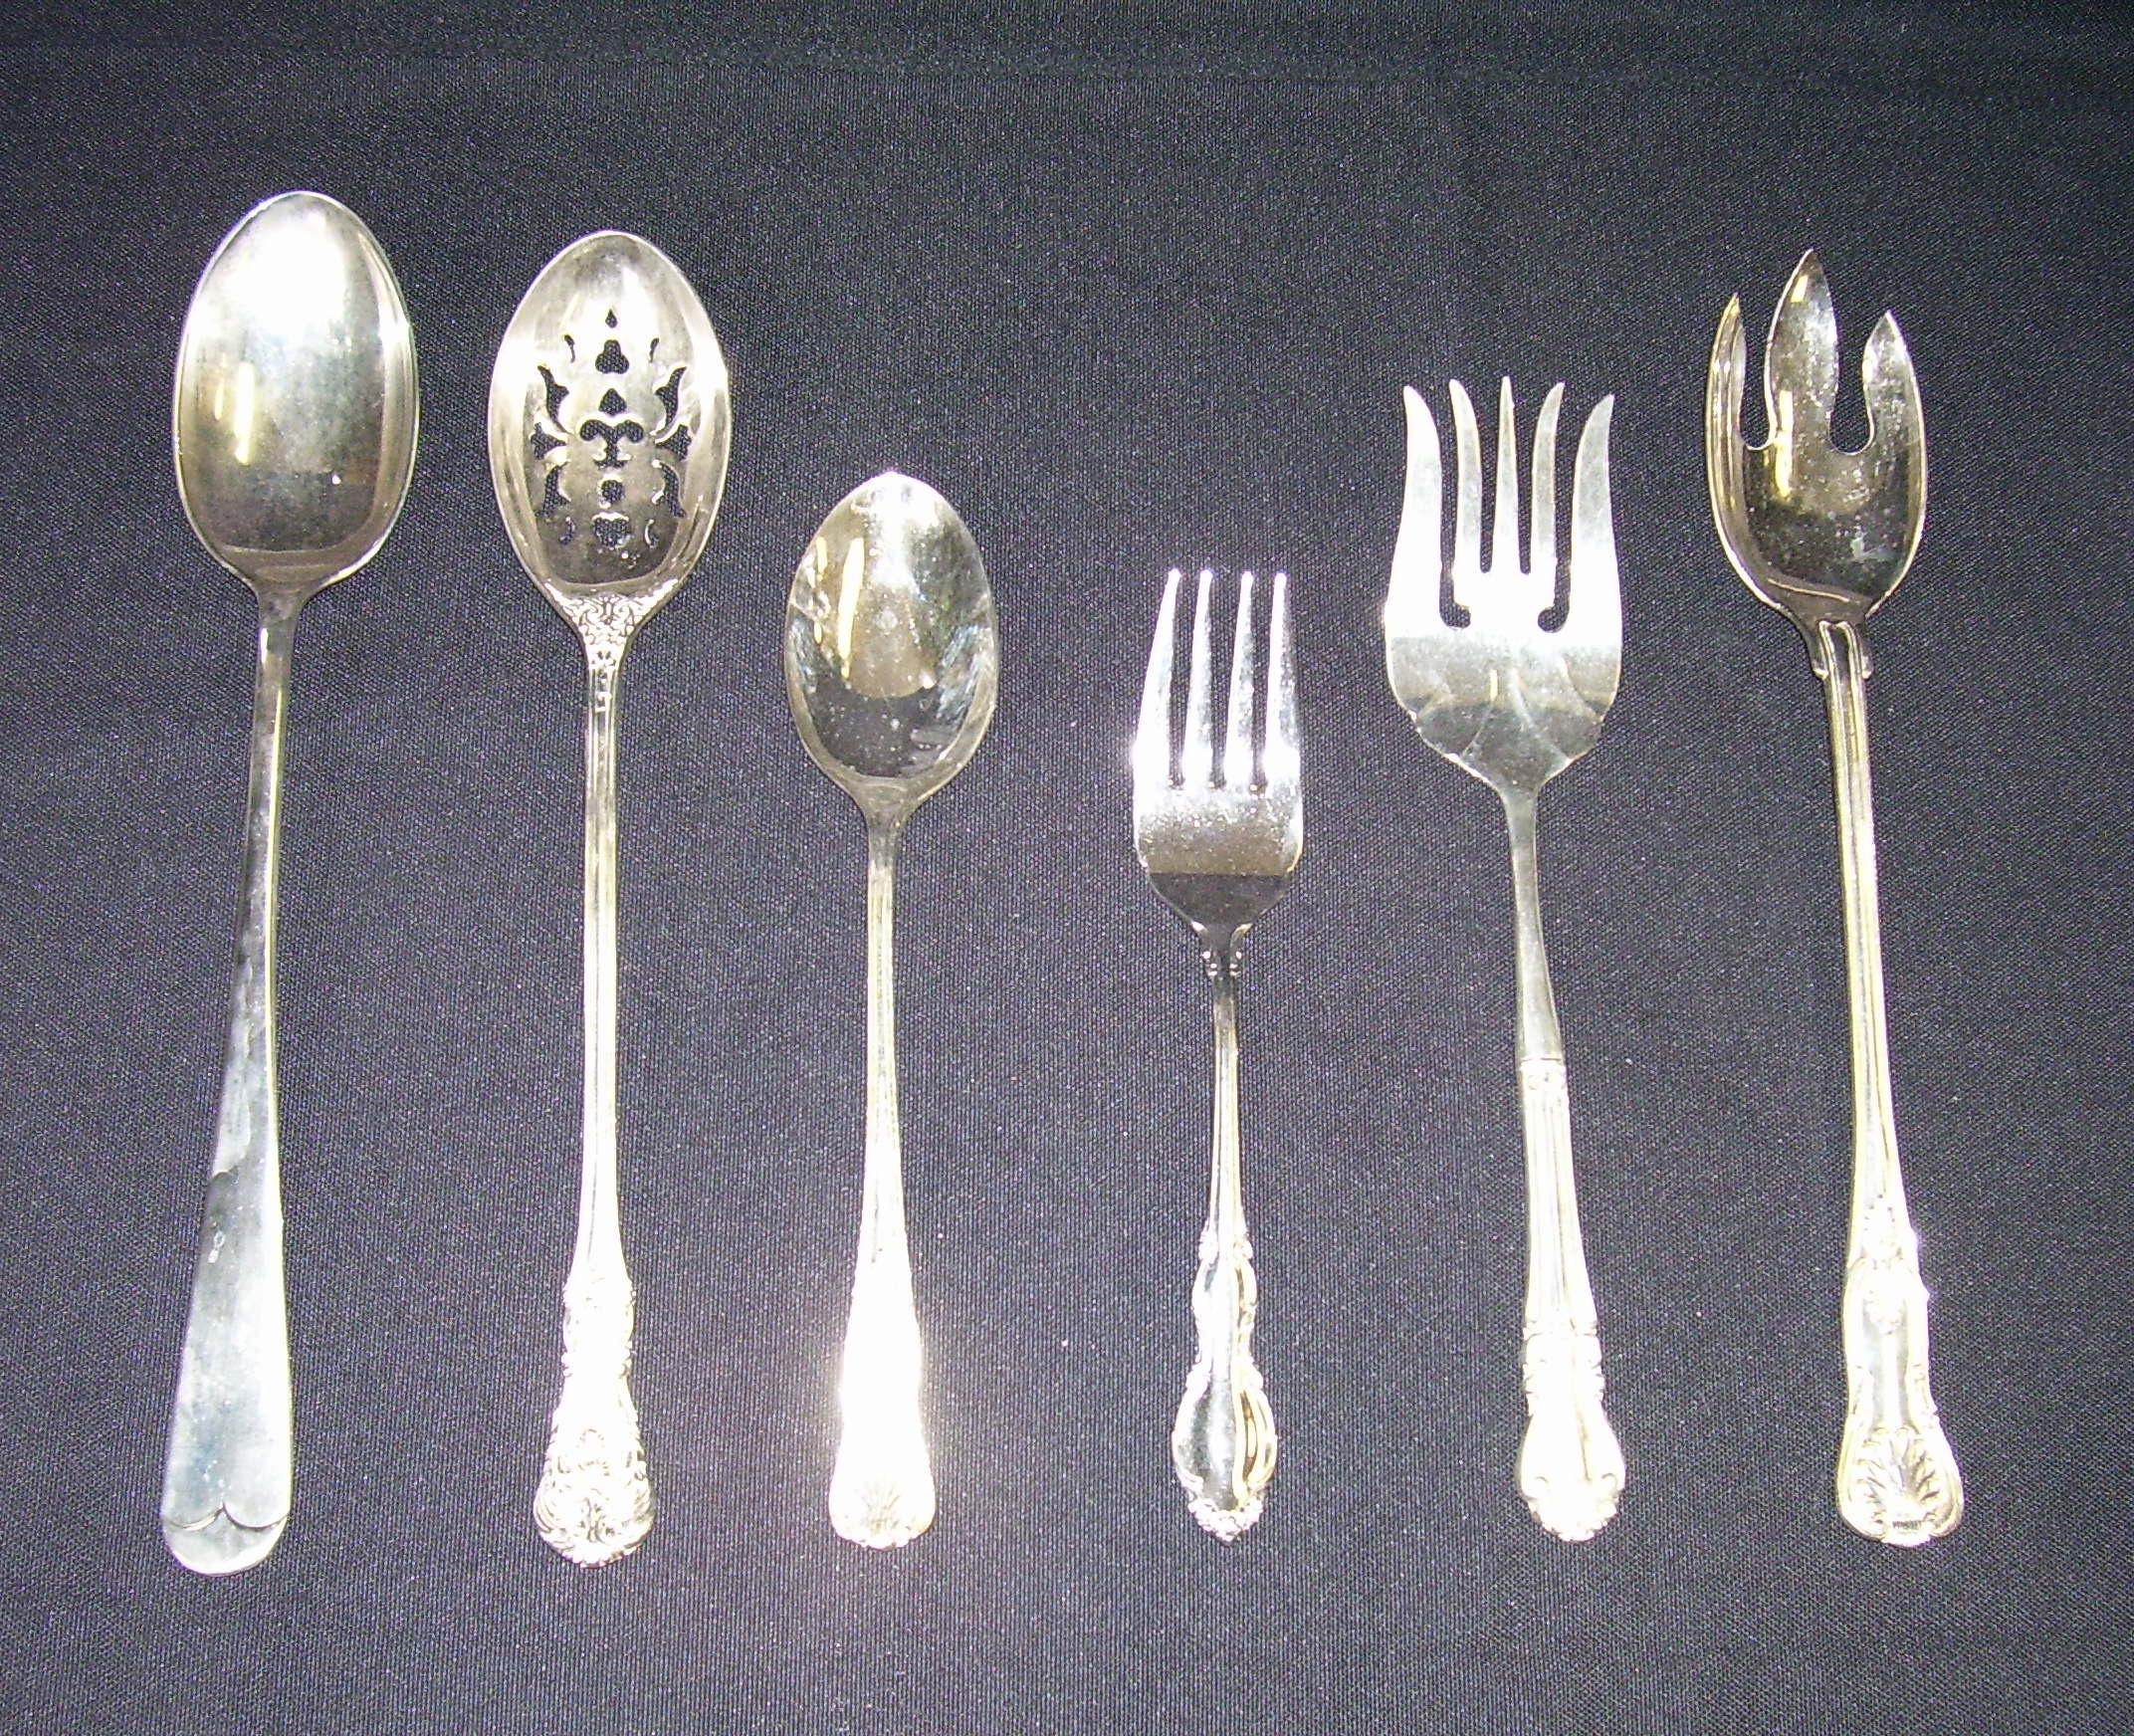 silverplate service ware 1